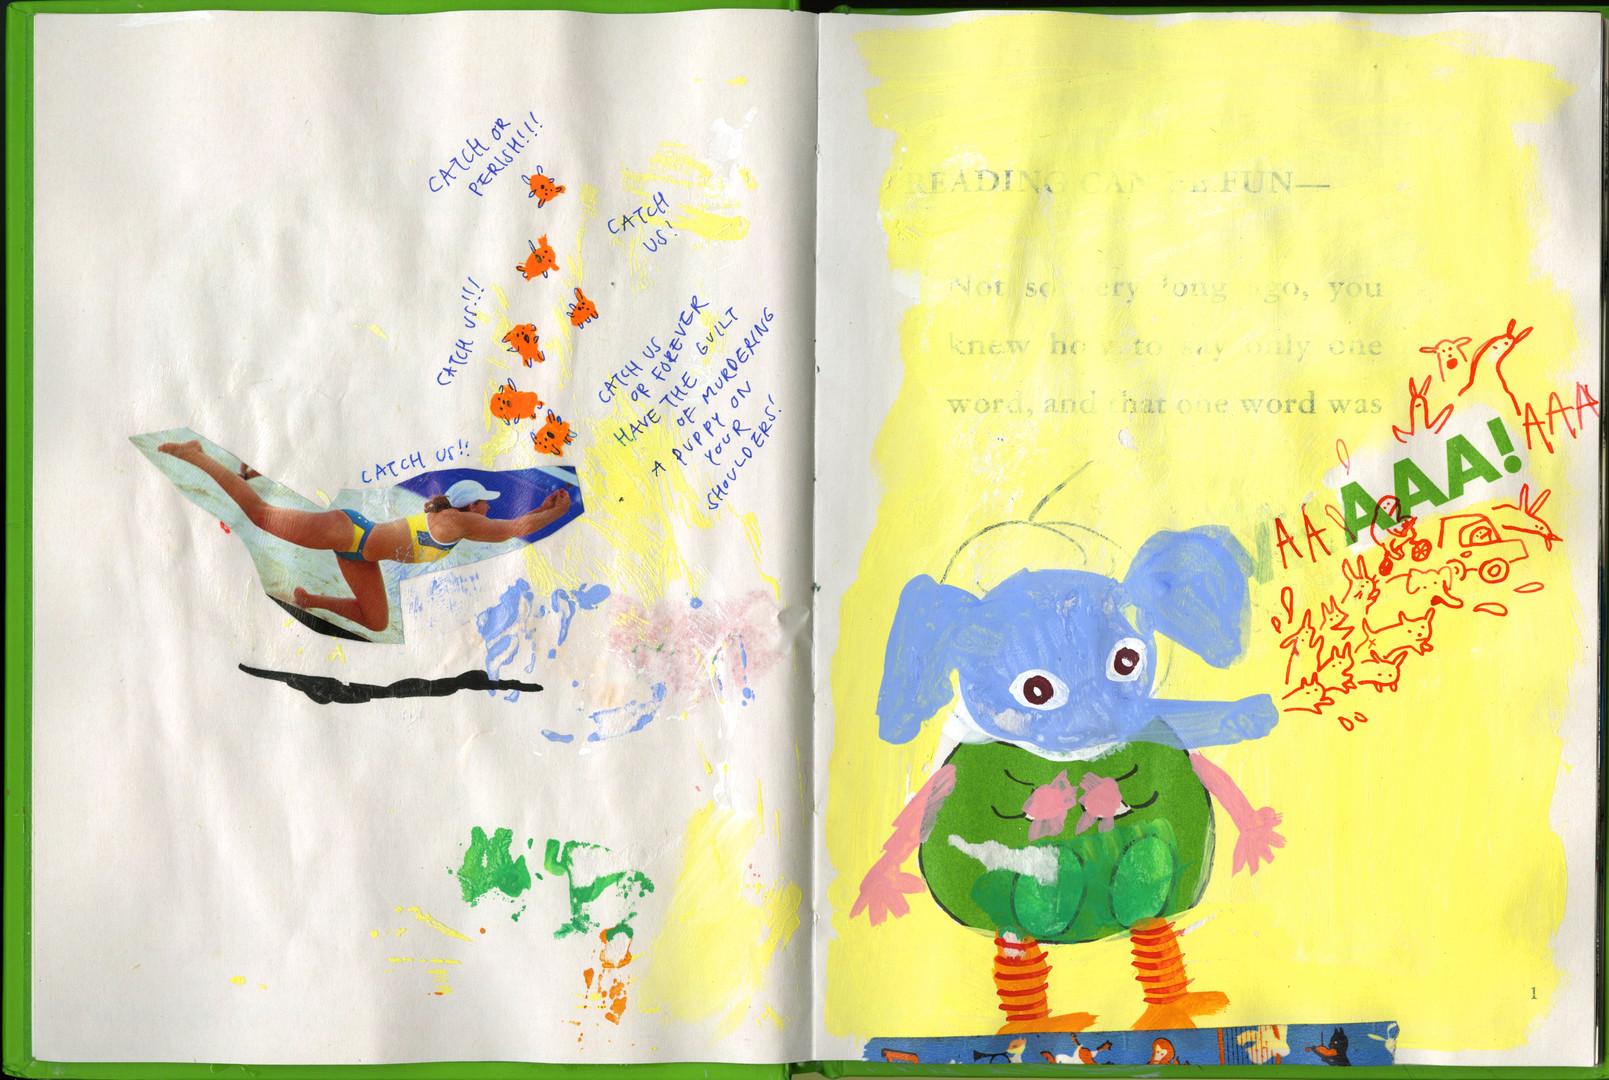 childrens_sketchbook 3.jpeg